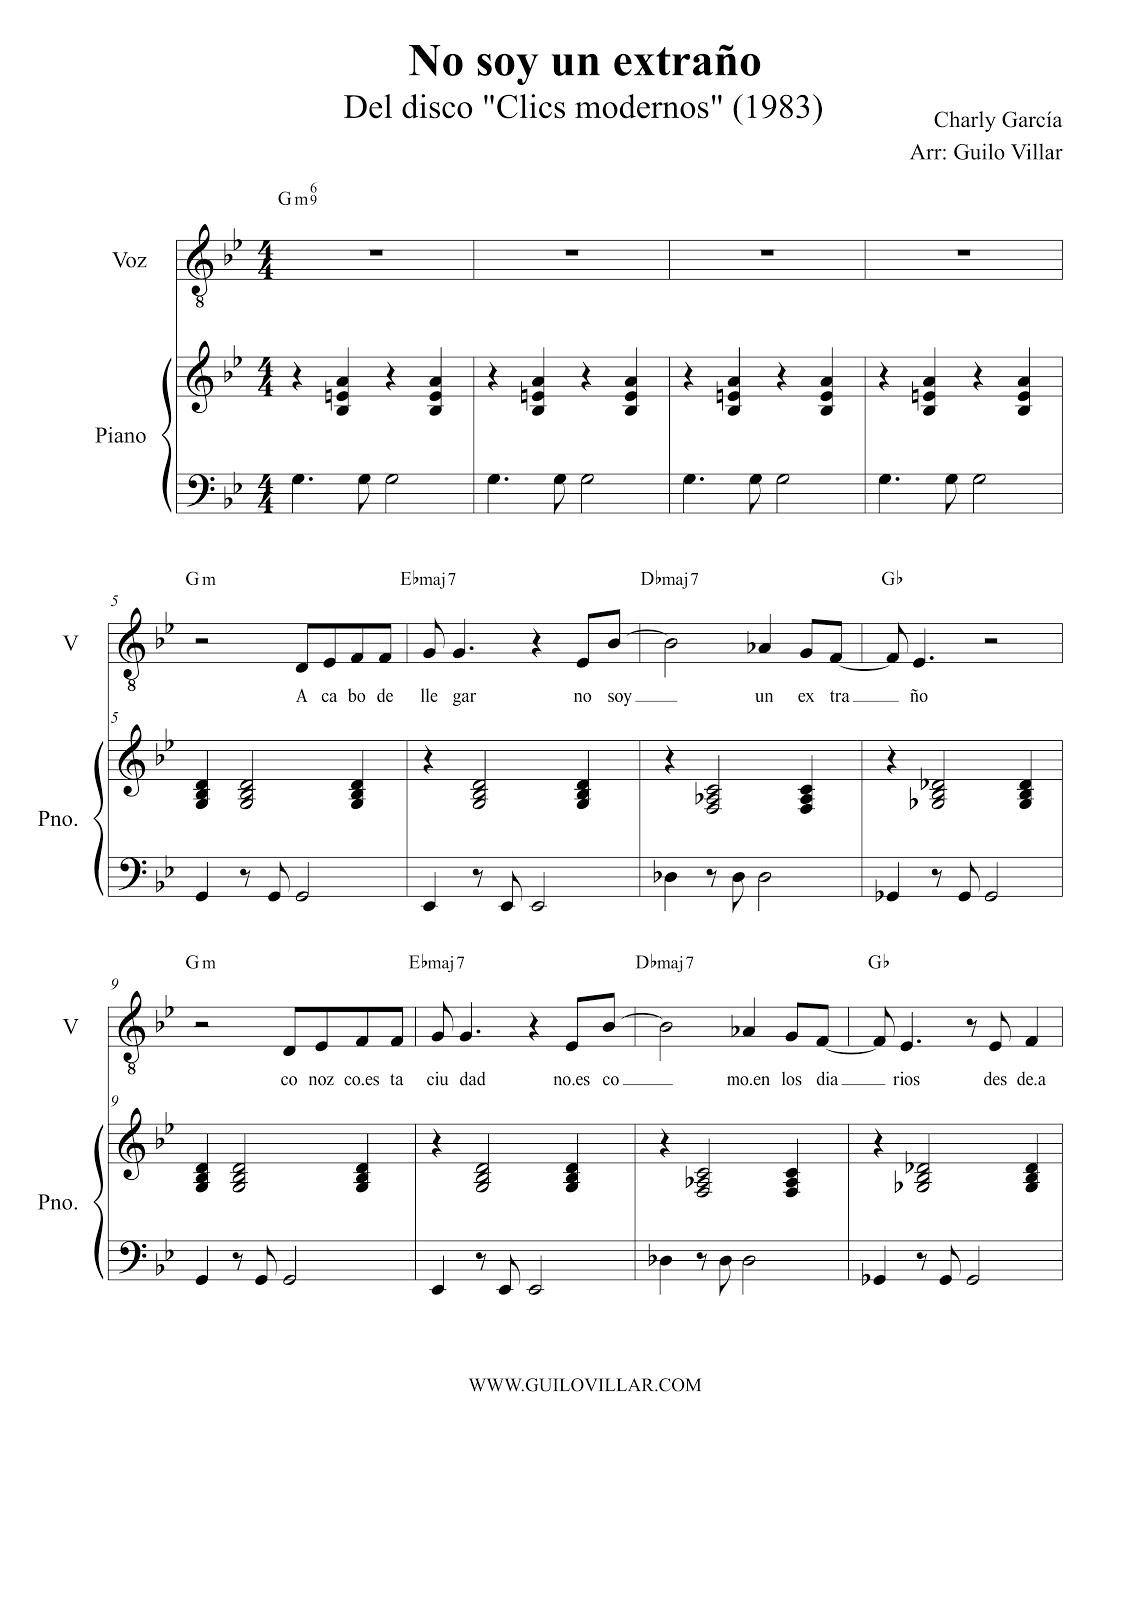 Charly Garcia No Soy Un Extrano Partitura Para Piano Y Voz